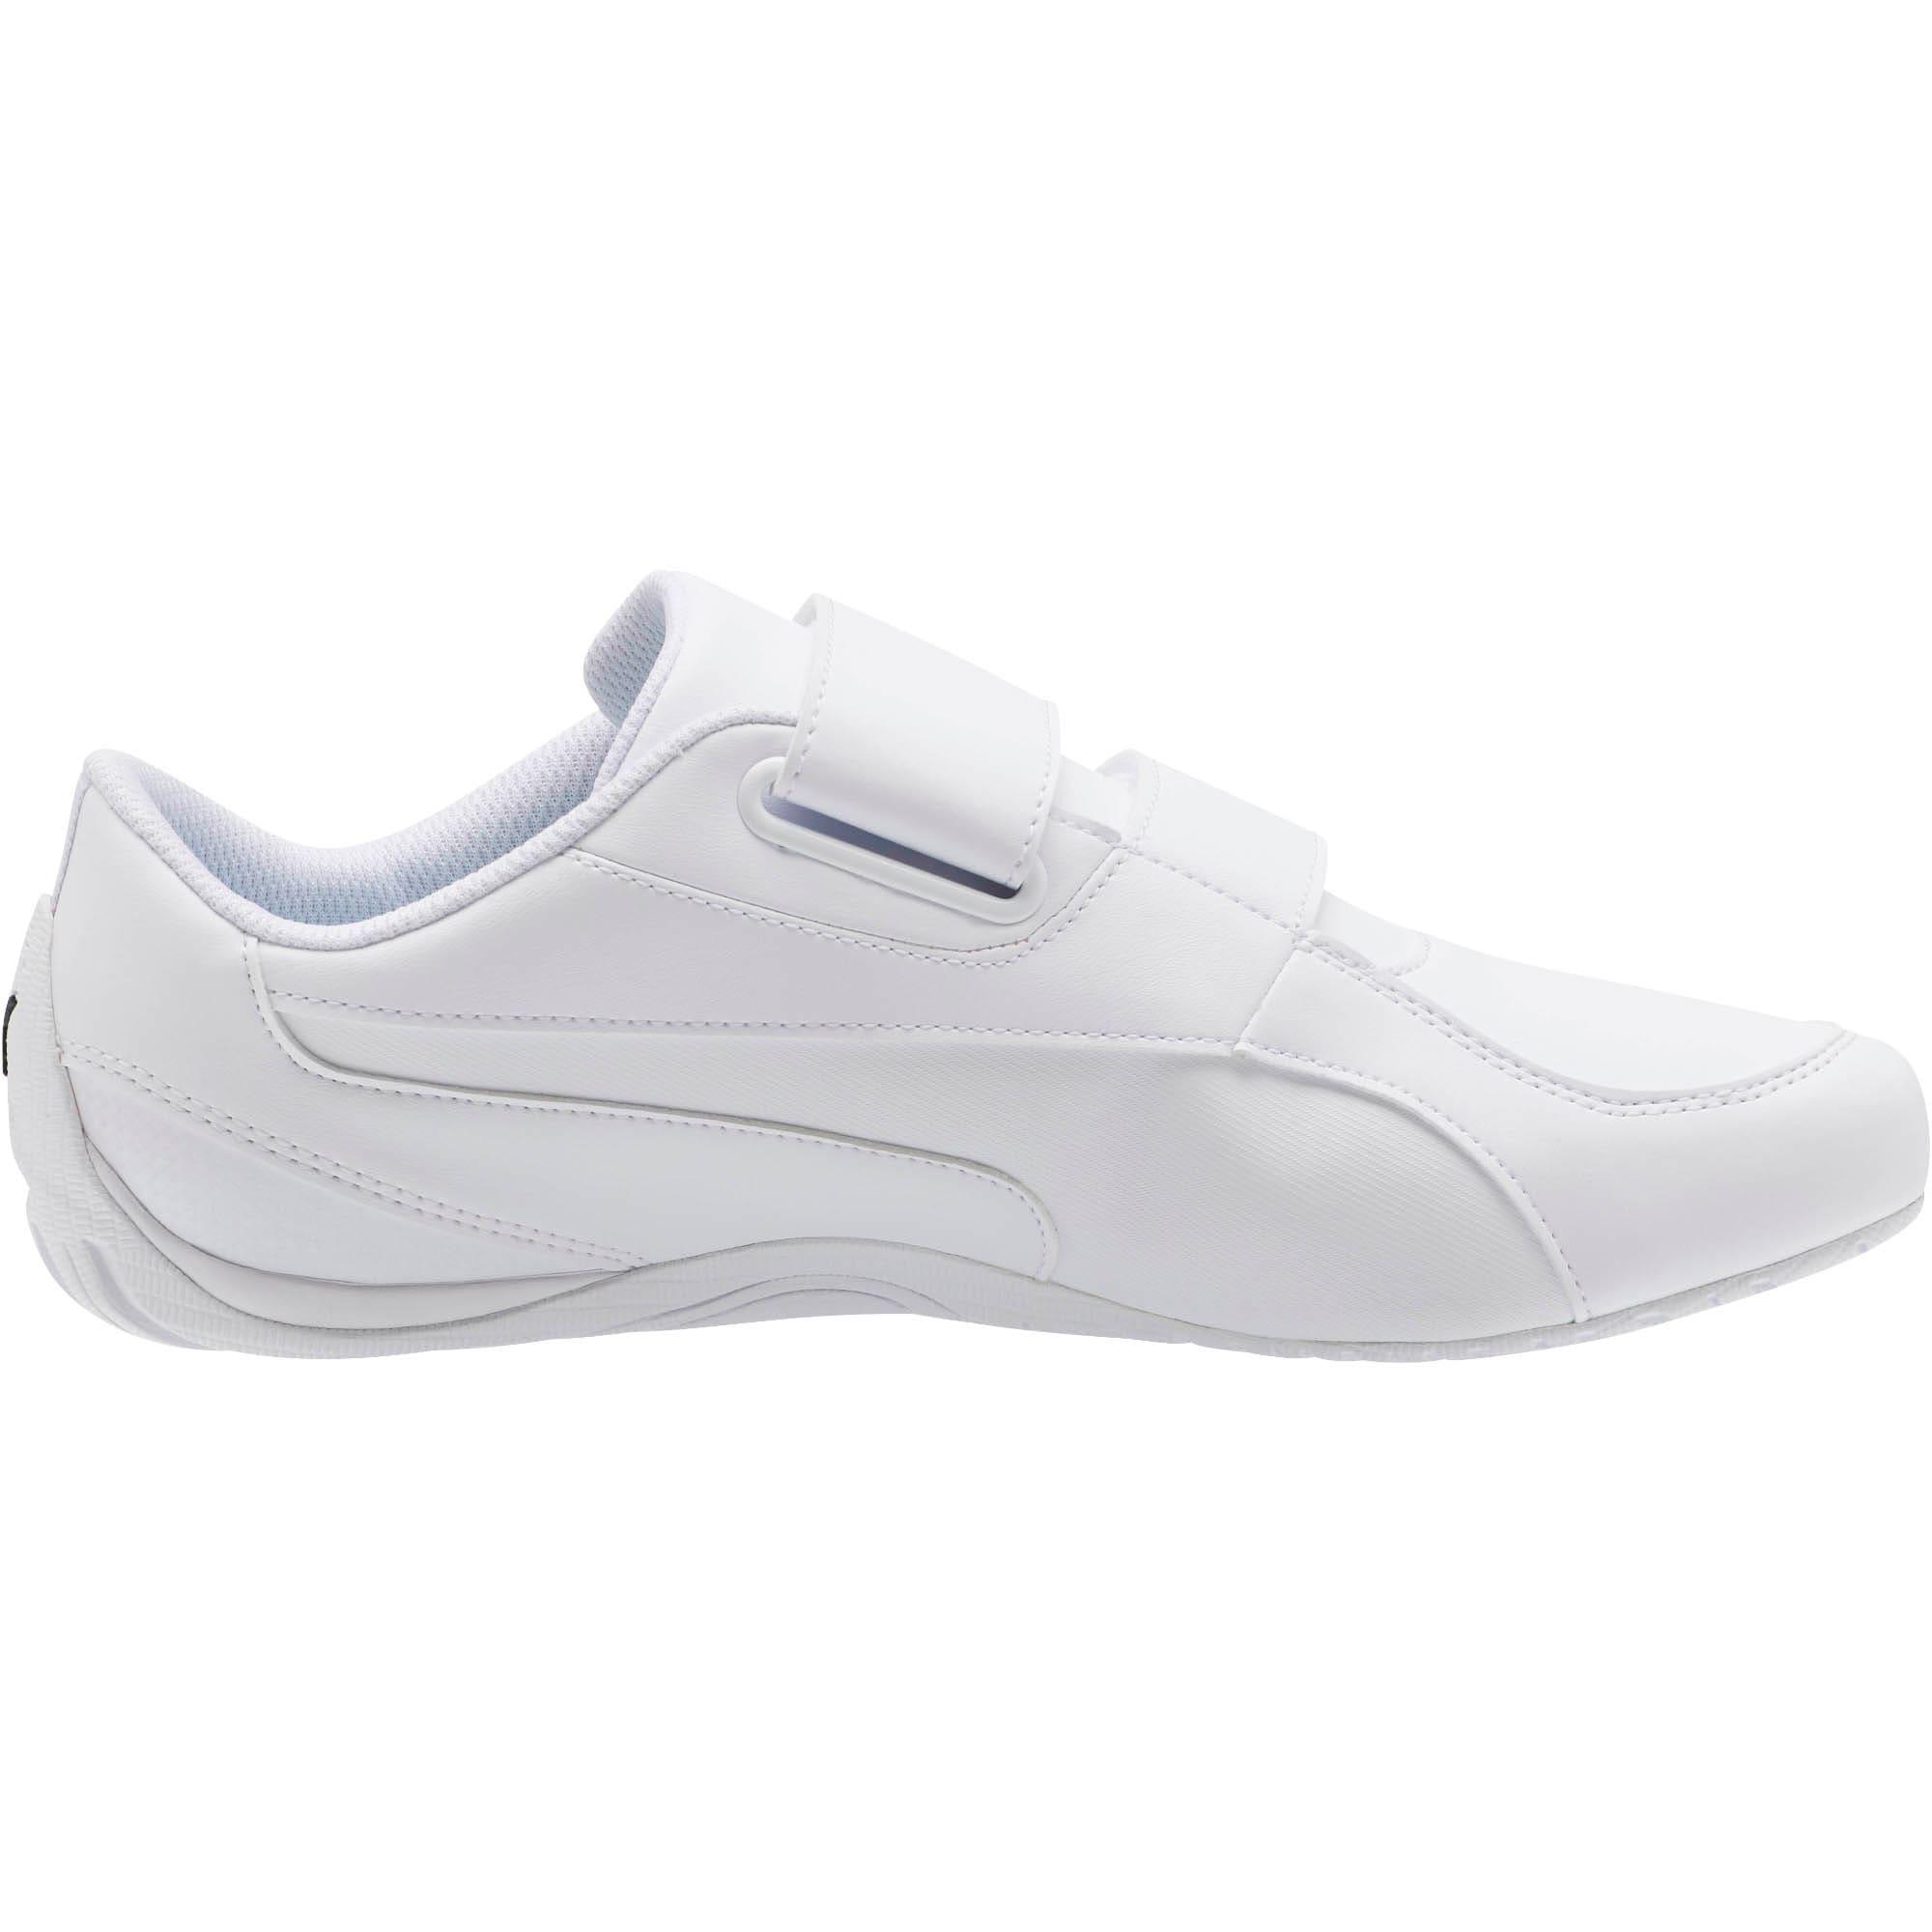 Miniatura 4 de ZapatosDrift Cat5AC para hombre, Puma White-Puma White, mediano